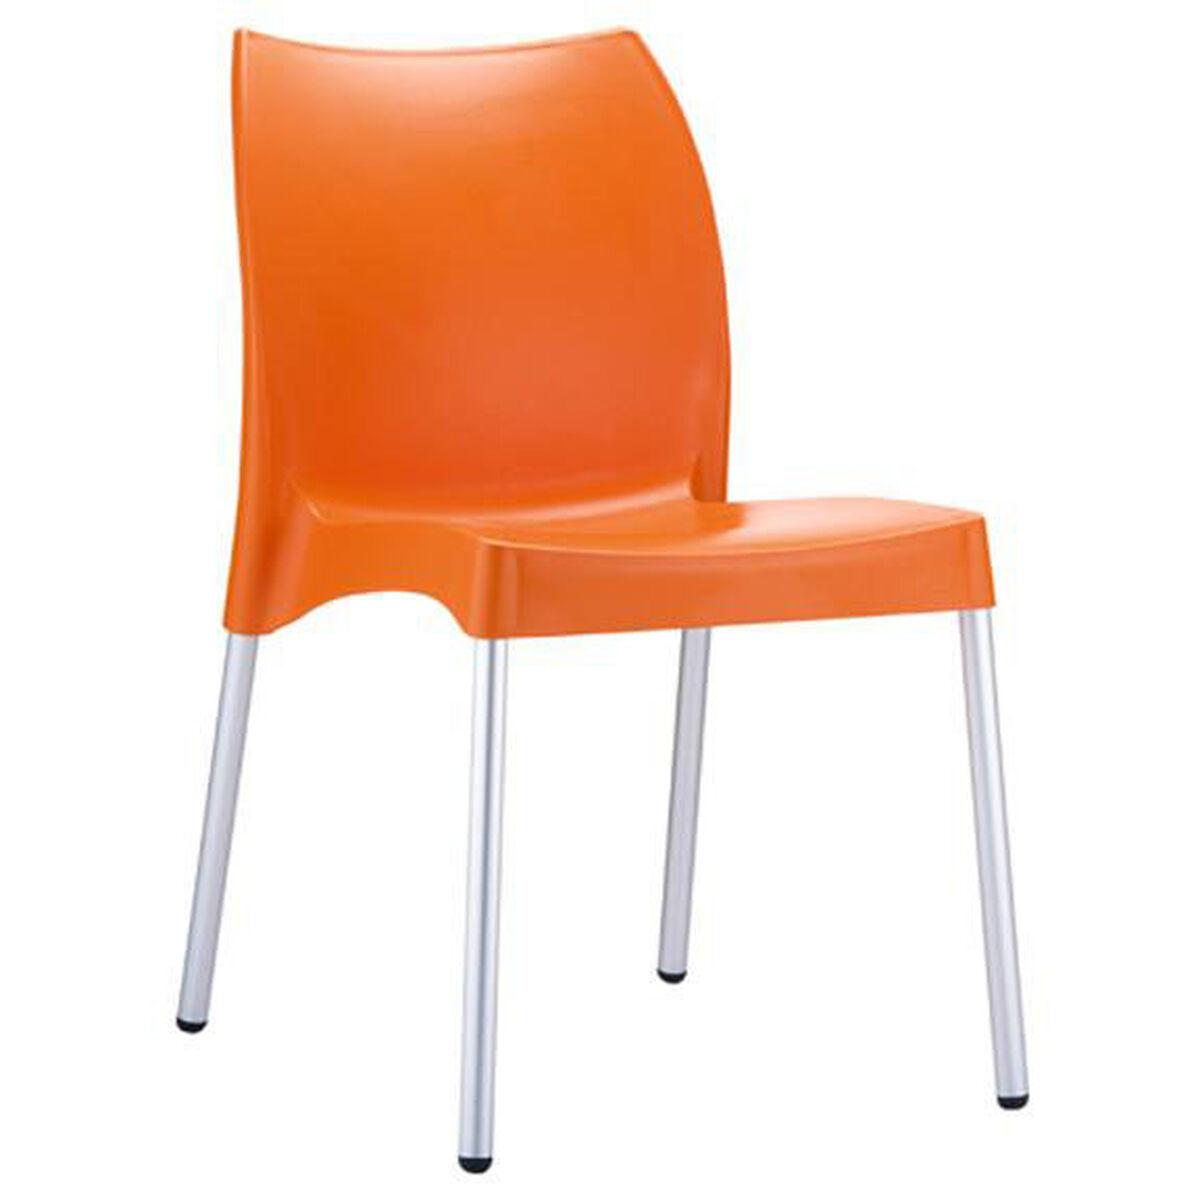 orange stackable side chair 049 3846. Black Bedroom Furniture Sets. Home Design Ideas